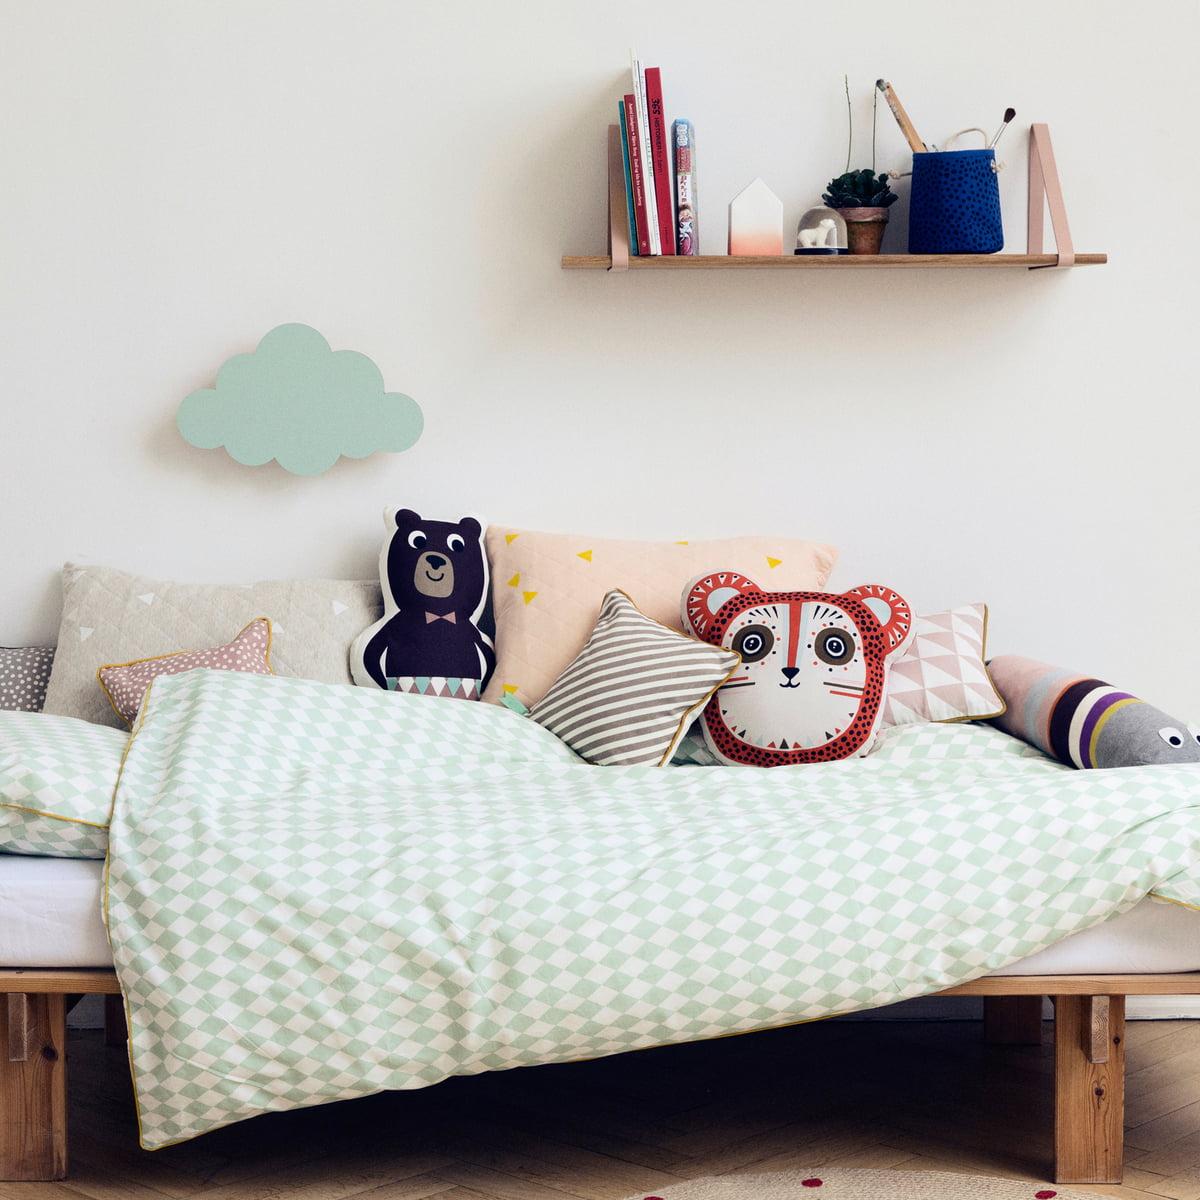 shelf hangers by ferm living. Black Bedroom Furniture Sets. Home Design Ideas